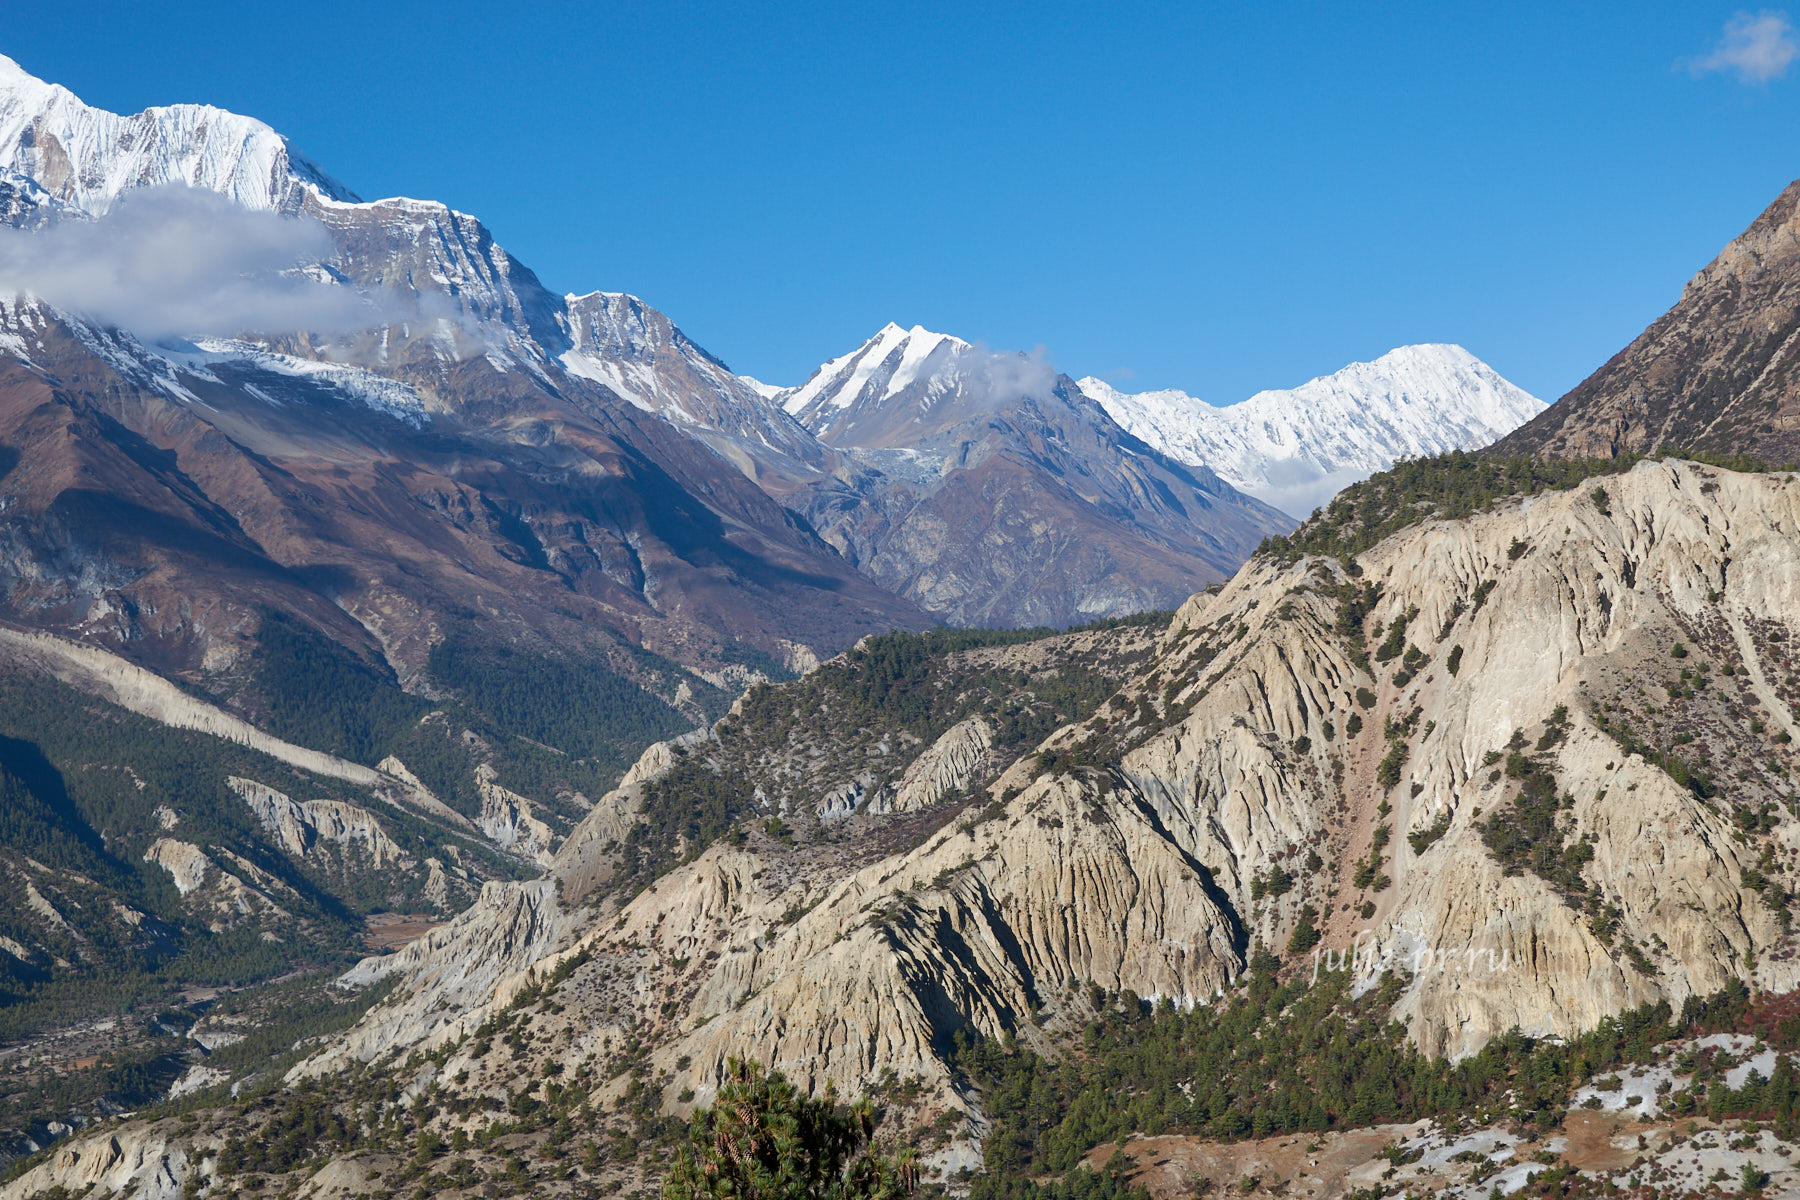 Непал, Трек вокруг Аннапурны, Скалы, Эрозия